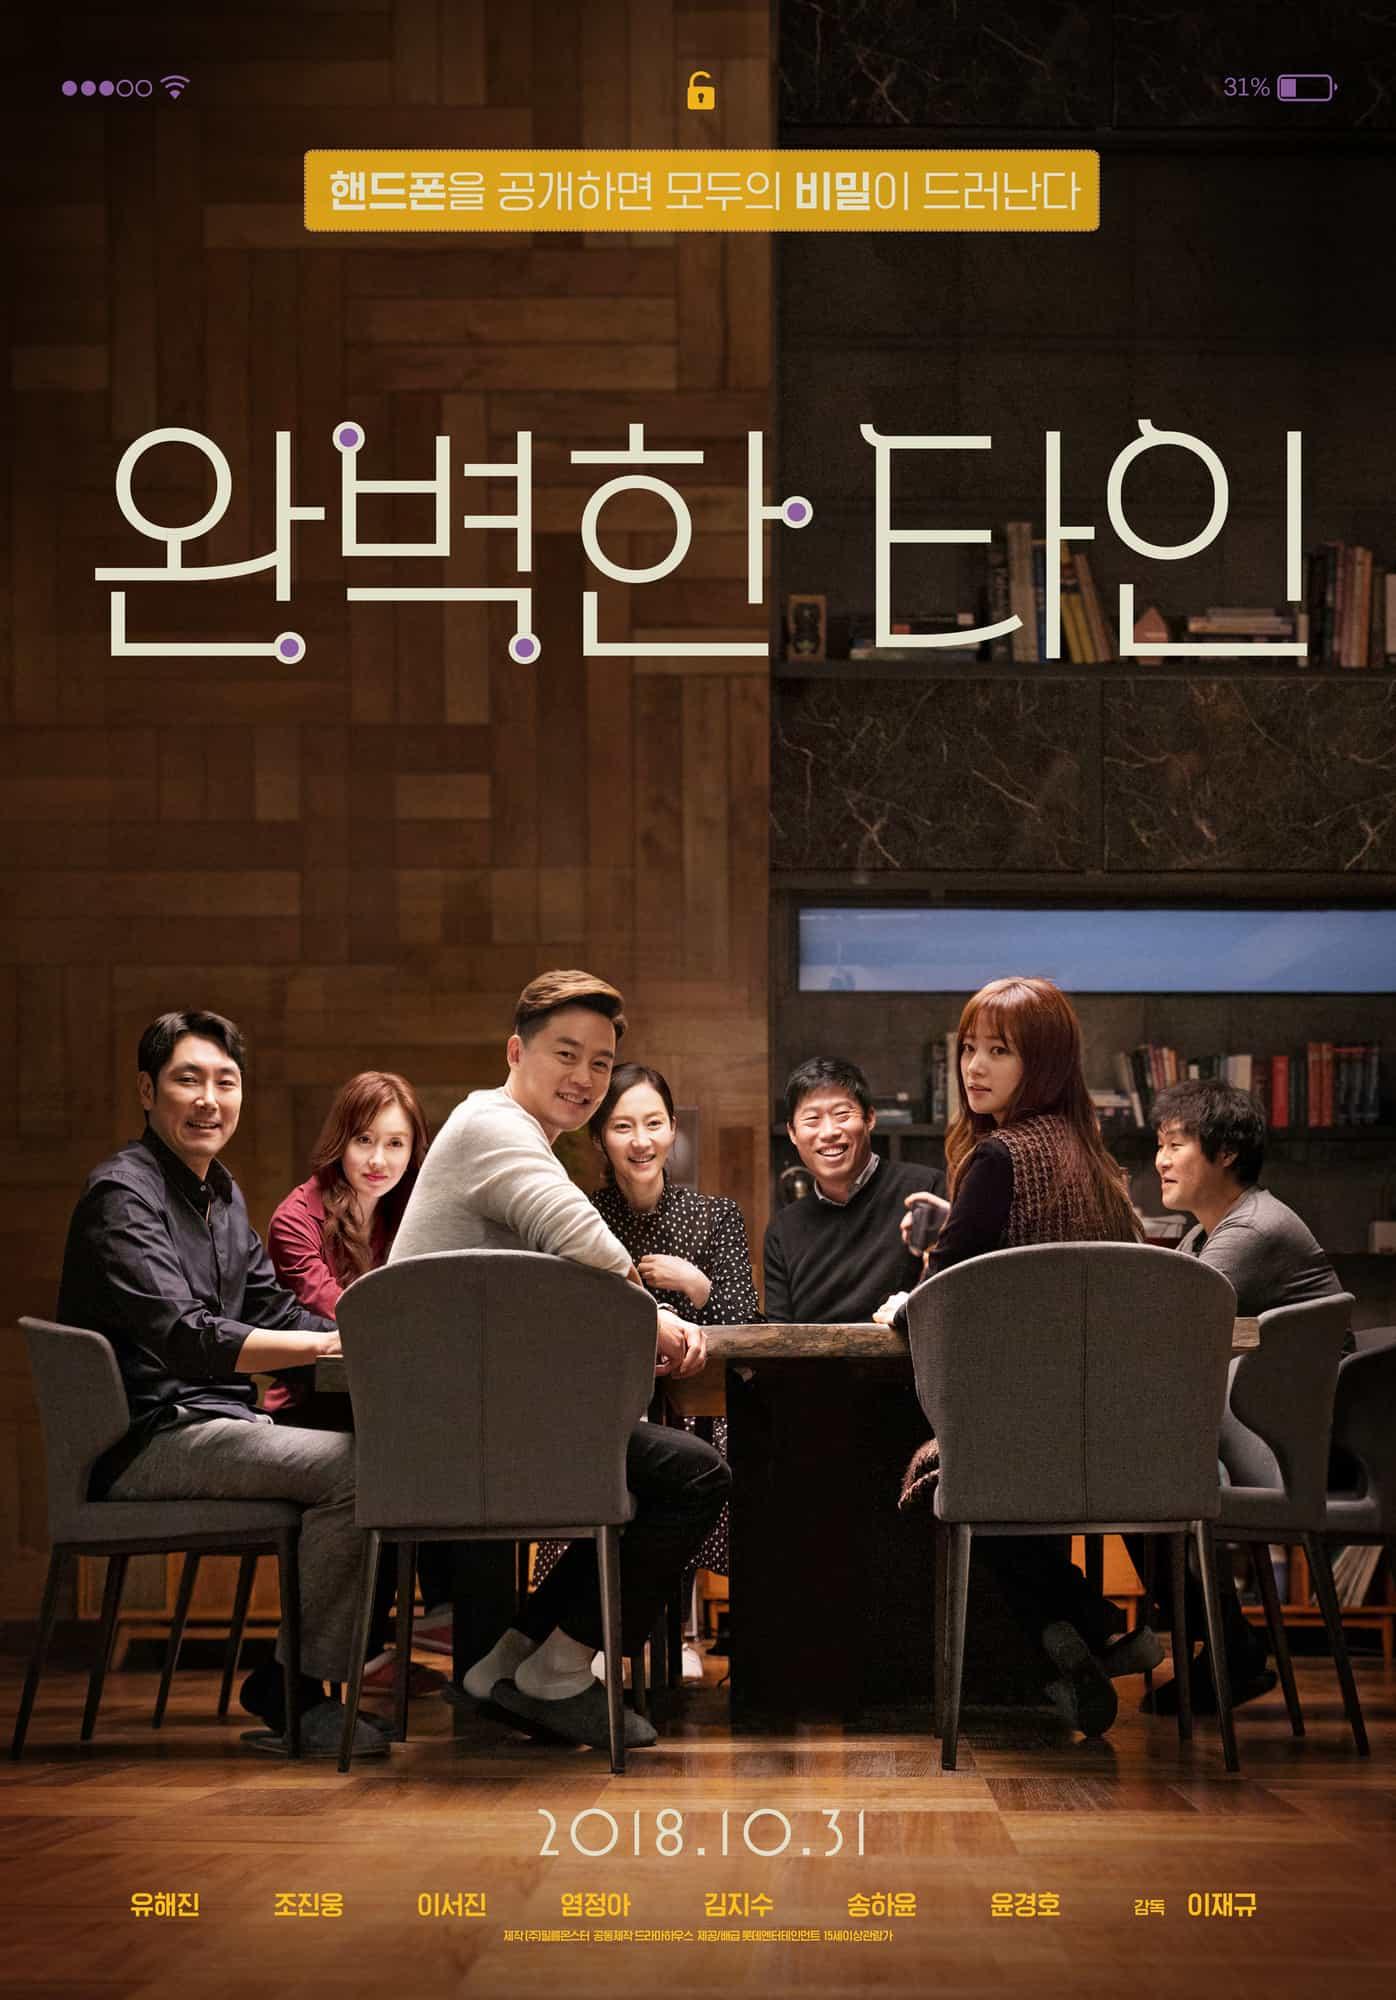 완벽한타인개봉첫주166만↑…독전흥행속도보다빨라